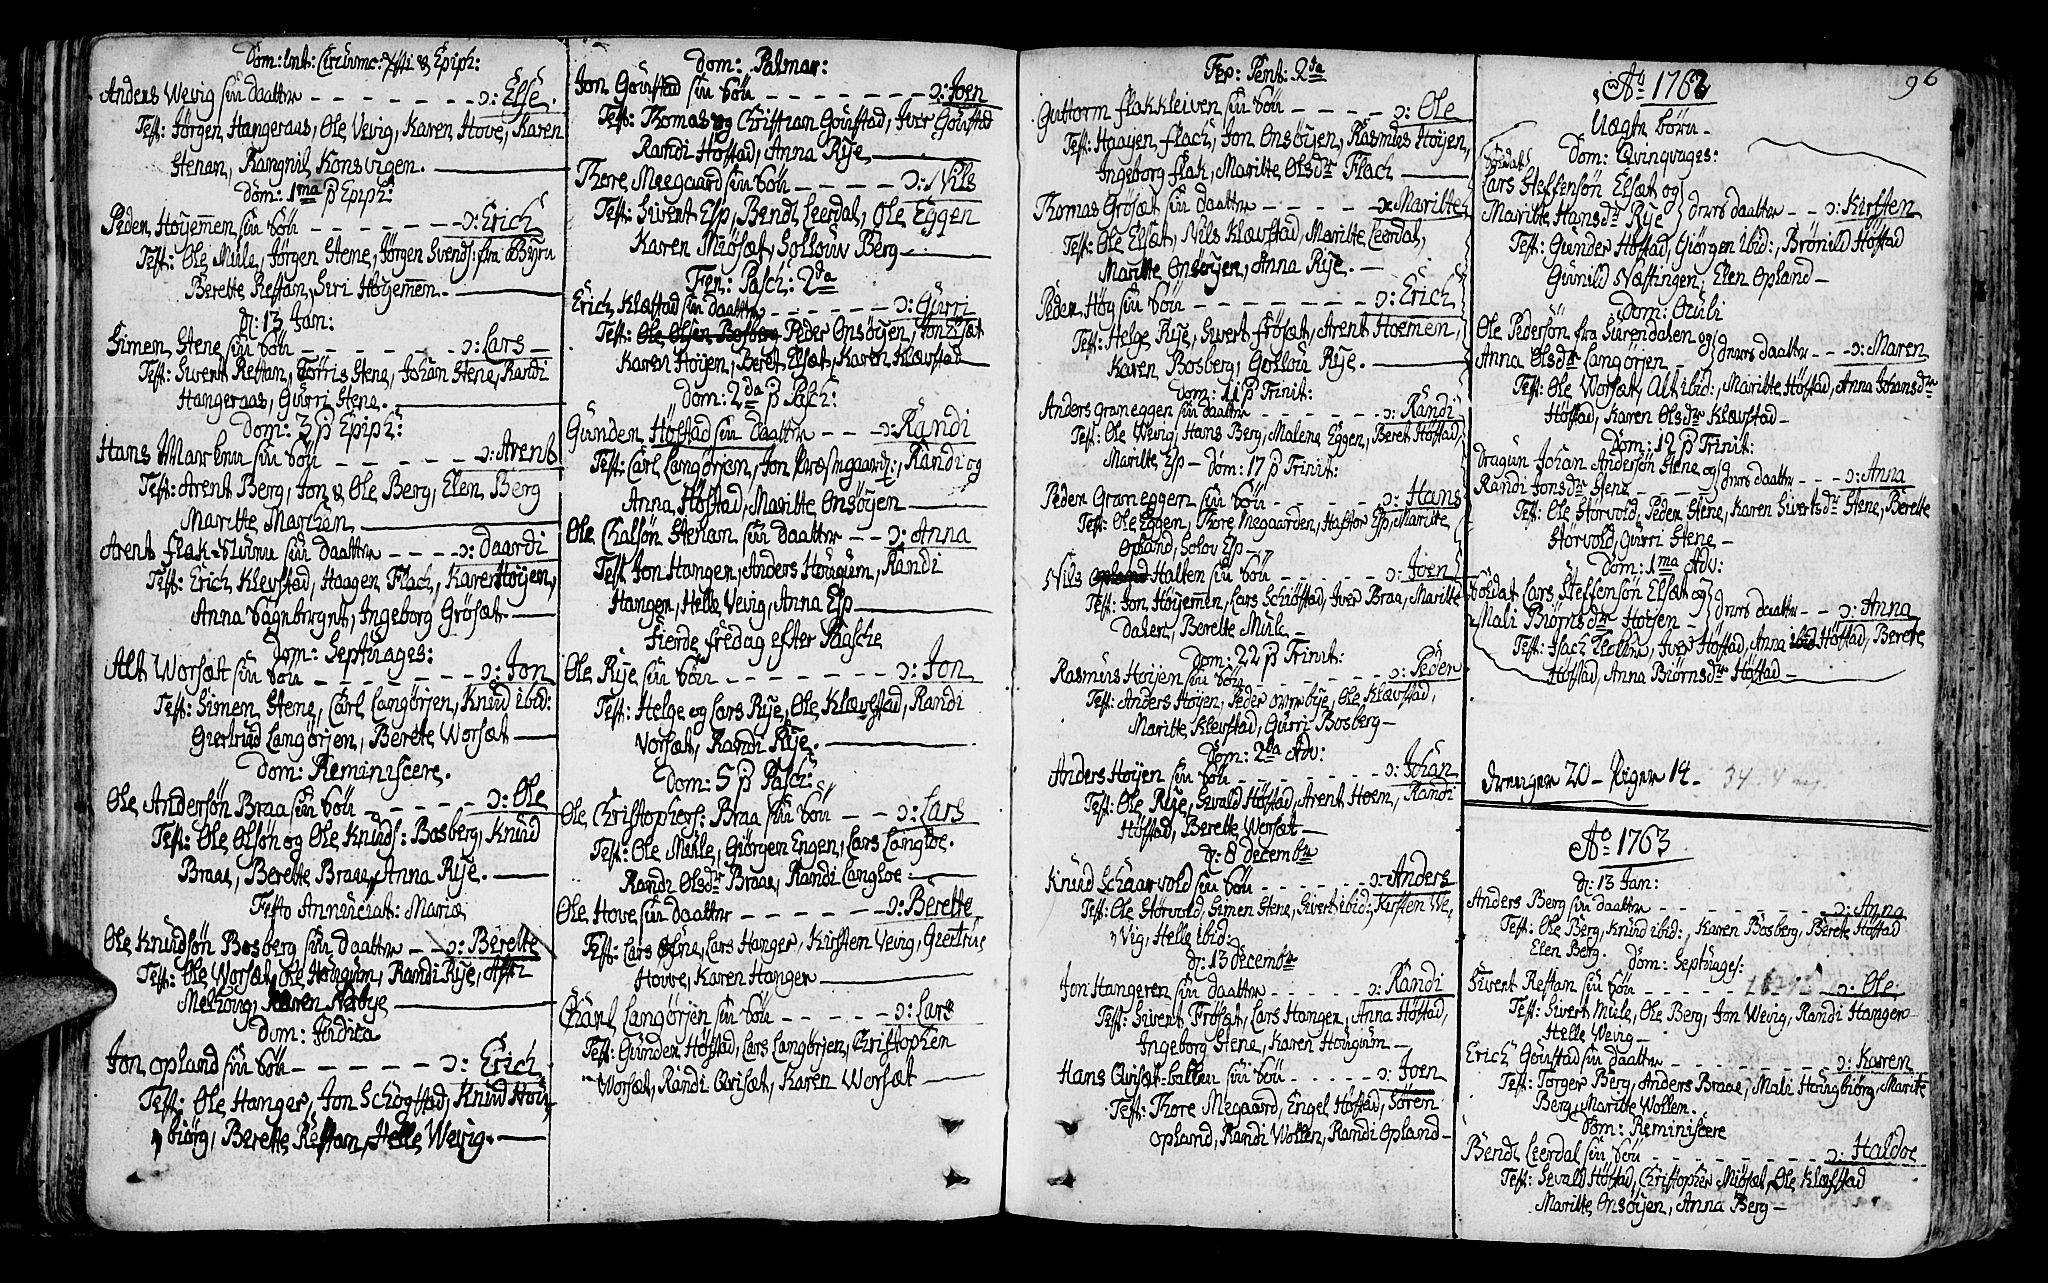 SAT, Ministerialprotokoller, klokkerbøker og fødselsregistre - Sør-Trøndelag, 612/L0370: Ministerialbok nr. 612A04, 1754-1802, s. 96